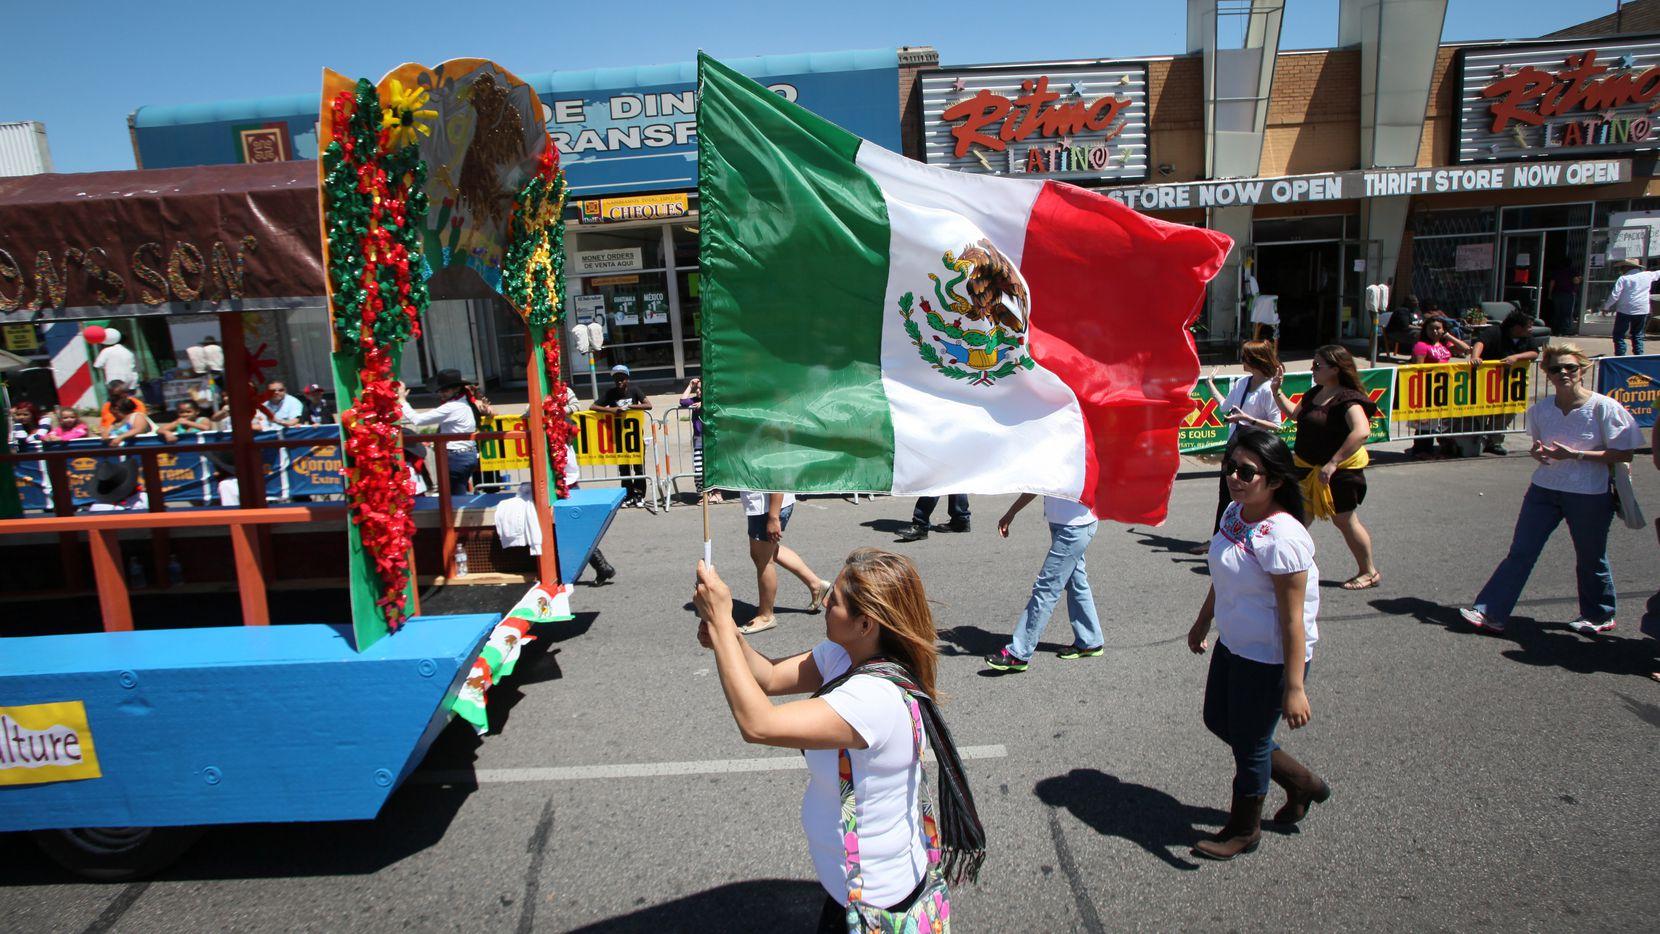 El tradicional desfile del Cinco de Mayo fue pospuesto. Los organizadores esperan poder tener uno en septiembre.